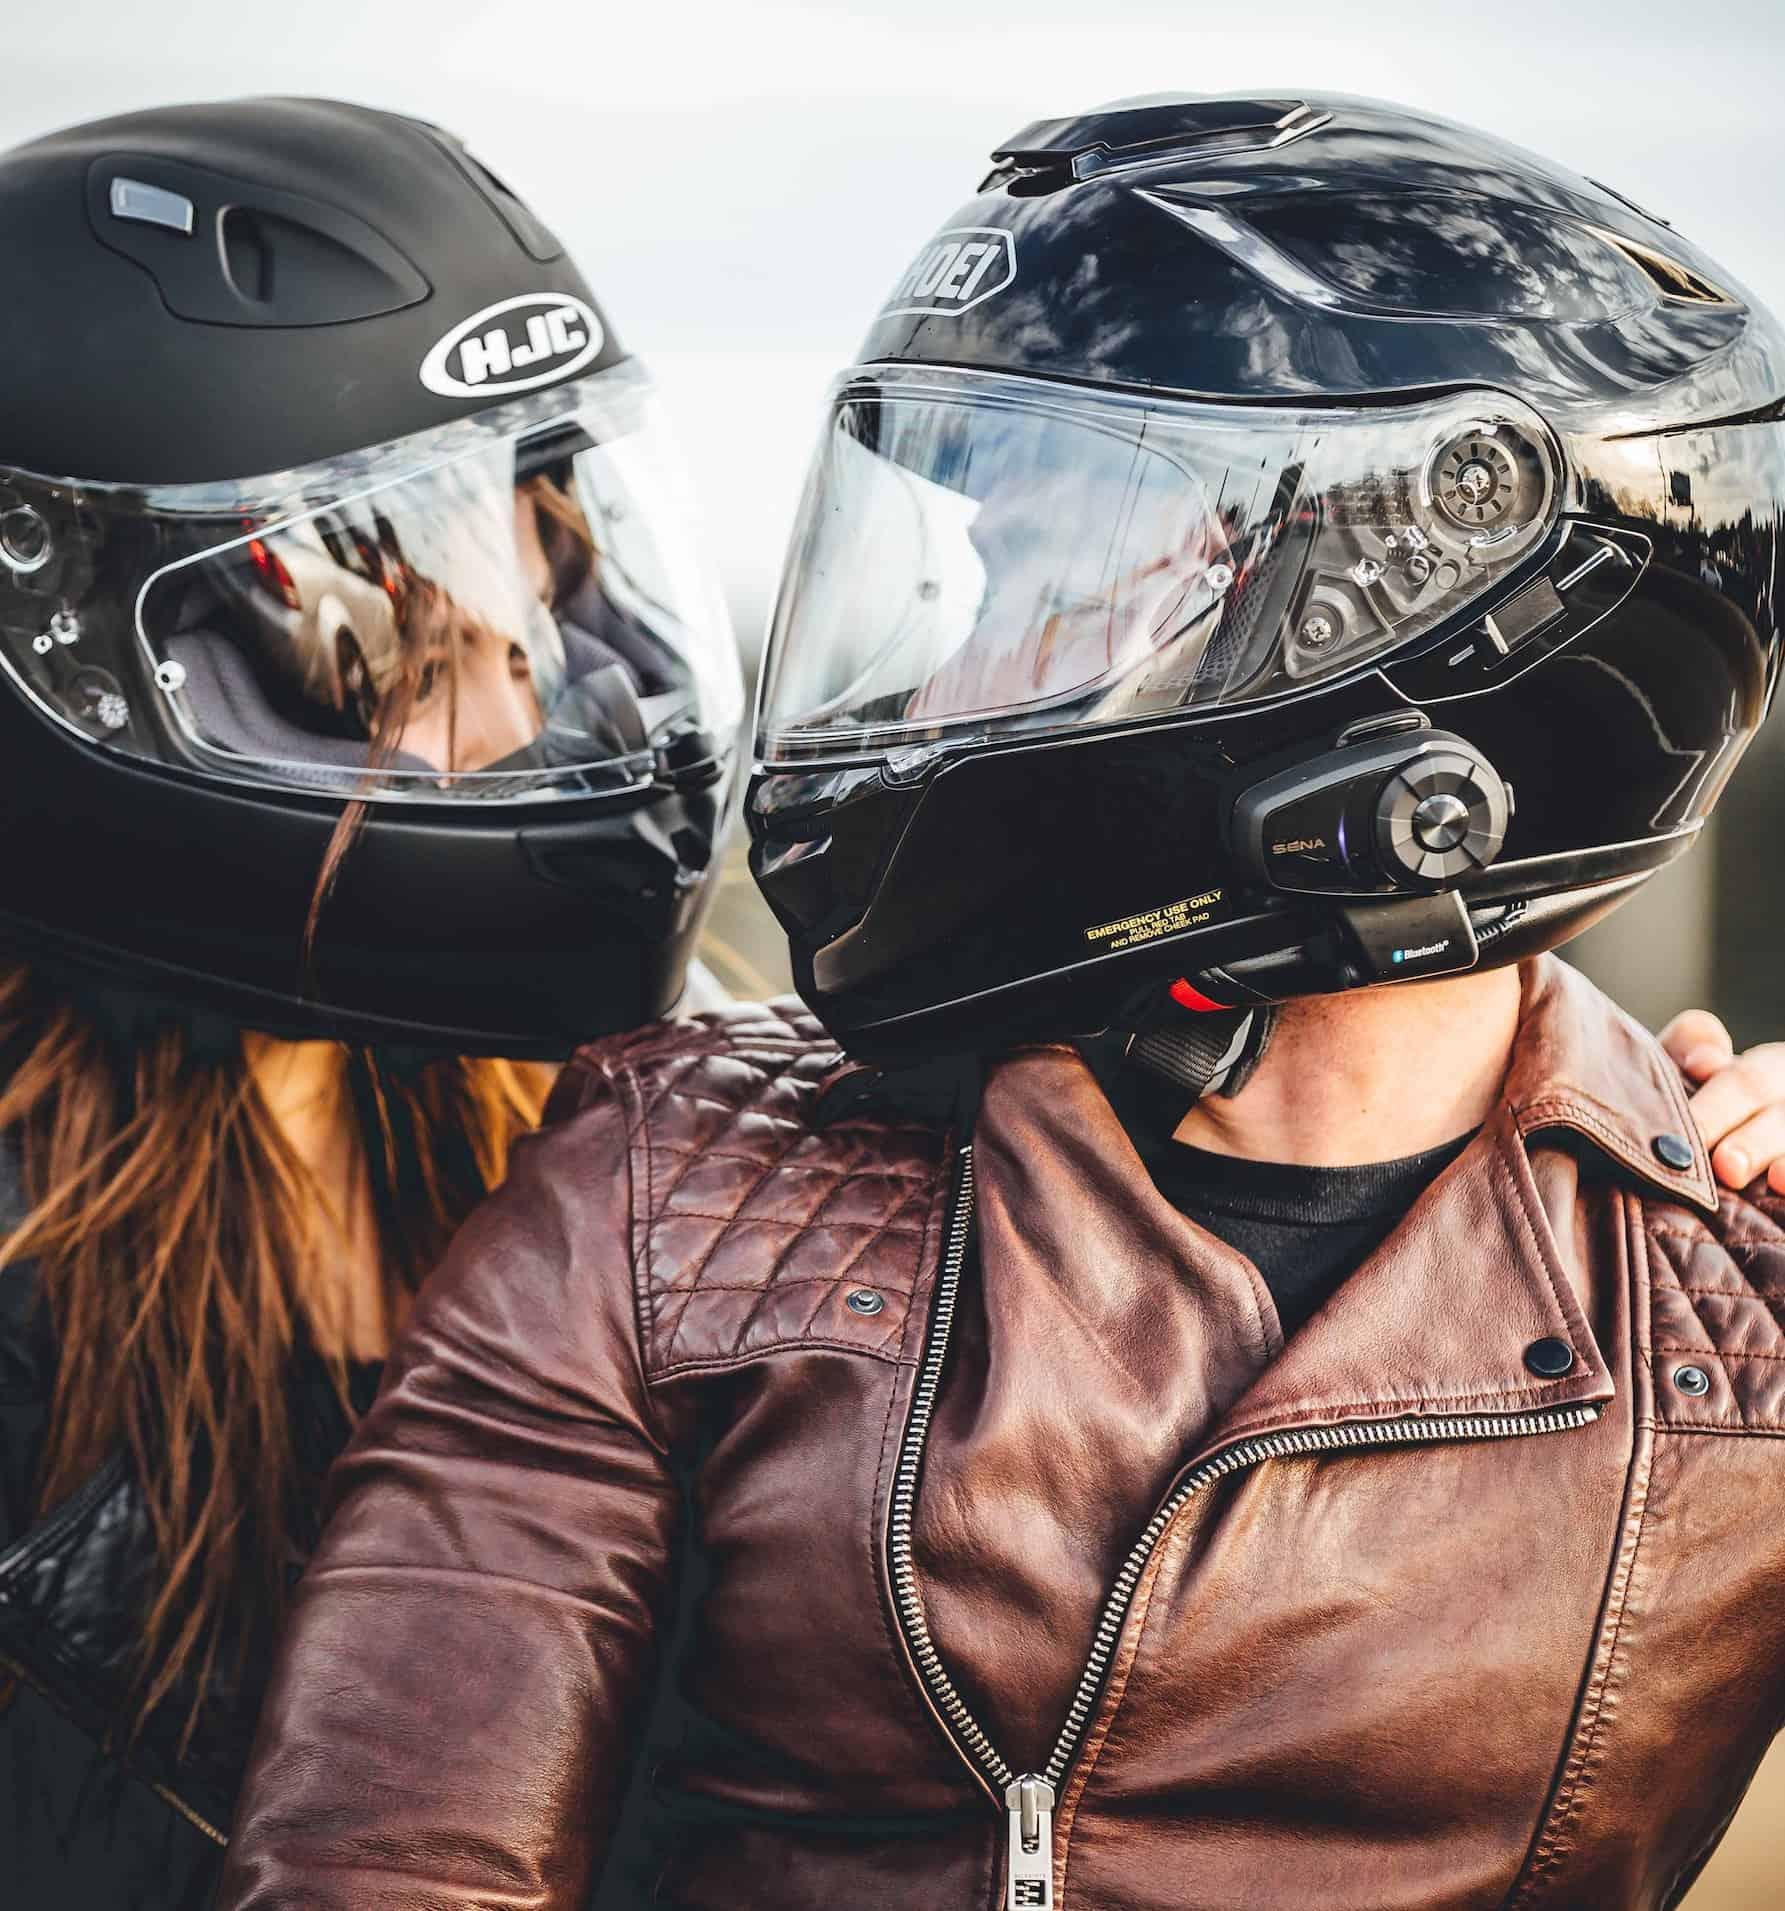 Vente d'équipements pour moto vintage